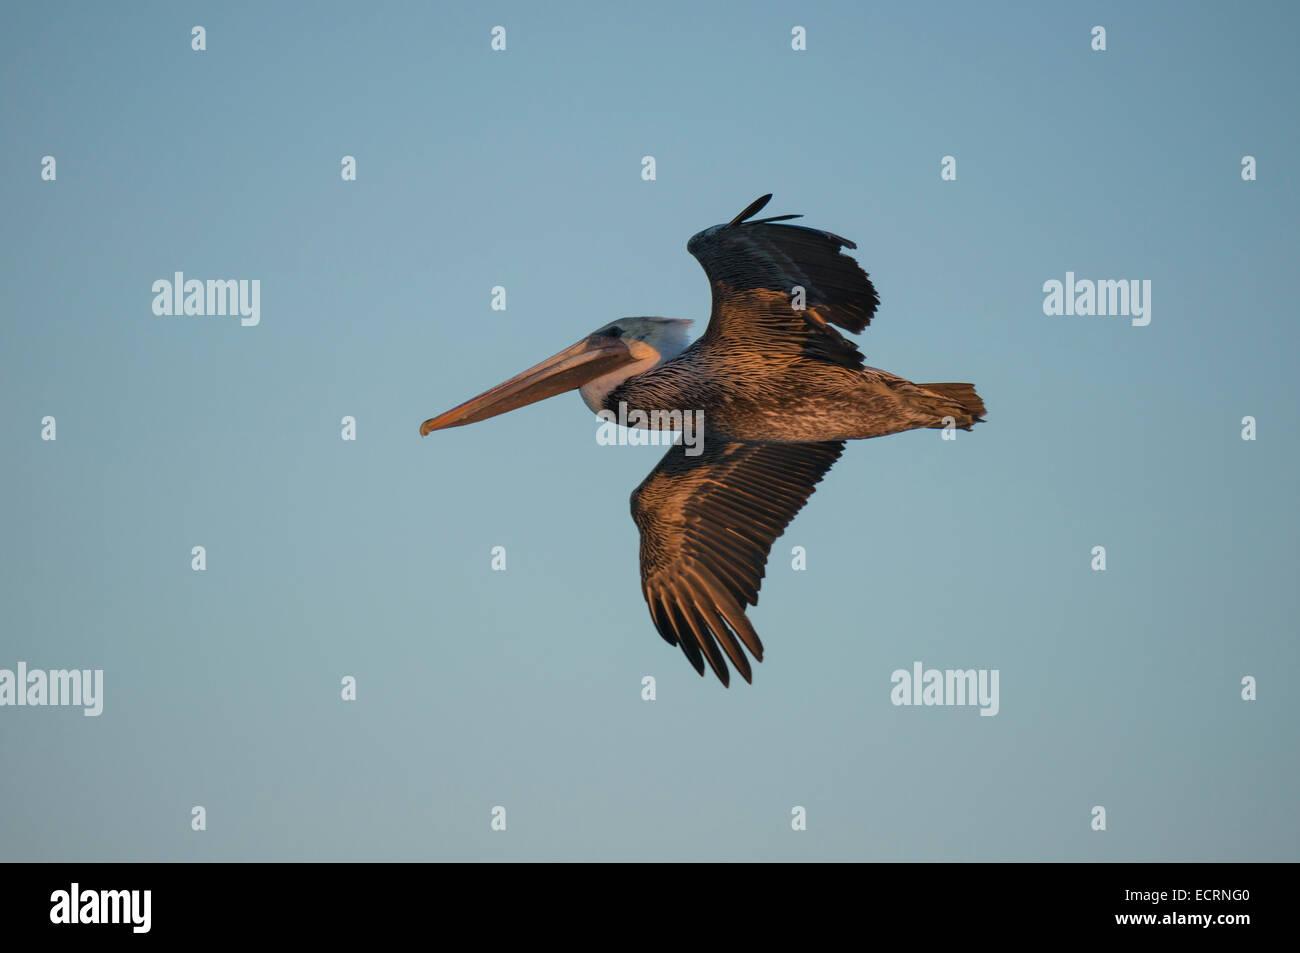 Brown Pelican in flight - Stock Image